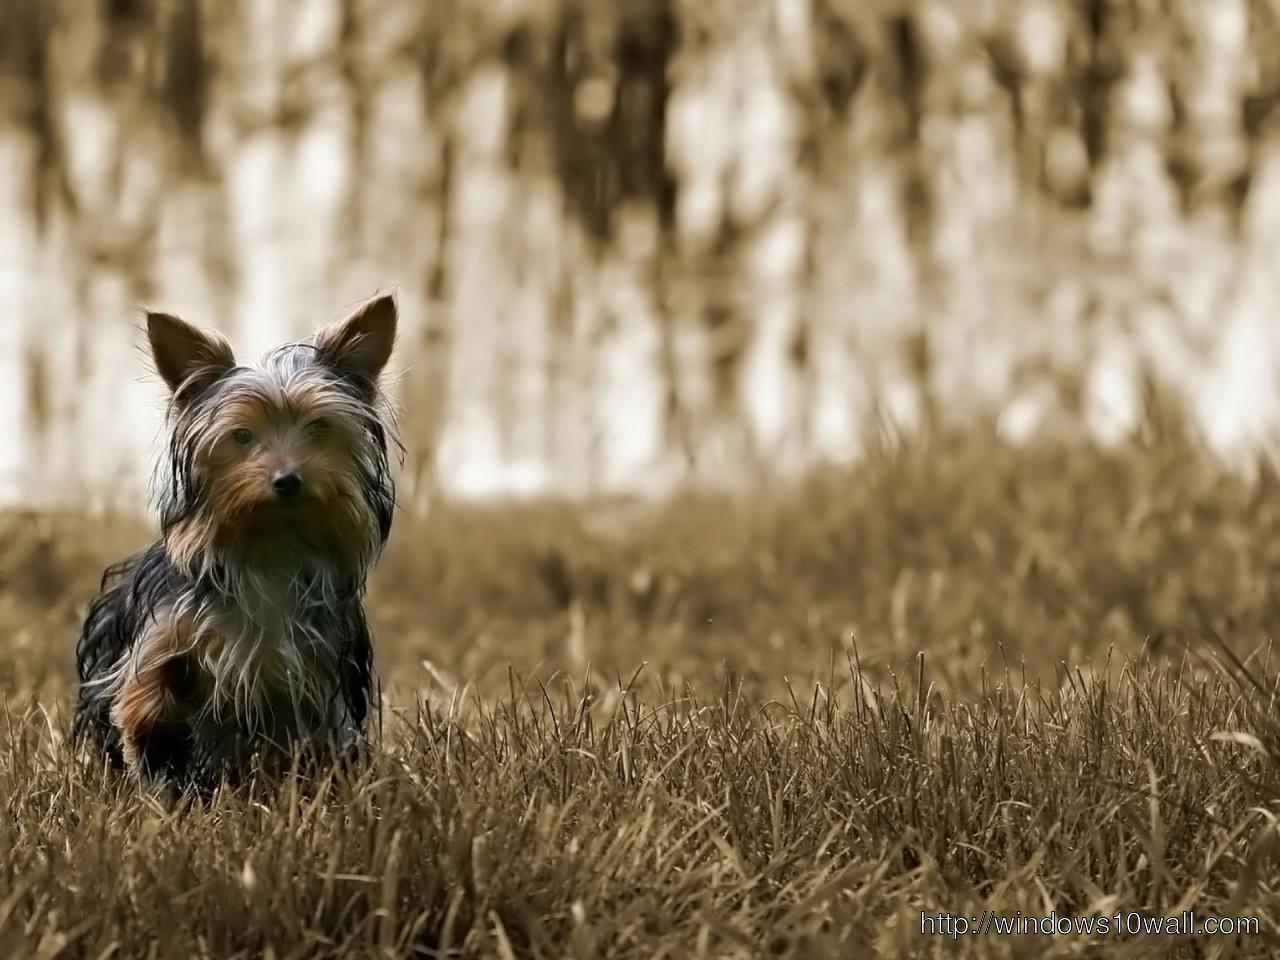 Small-dog-1280x960-hd-Wallpaper